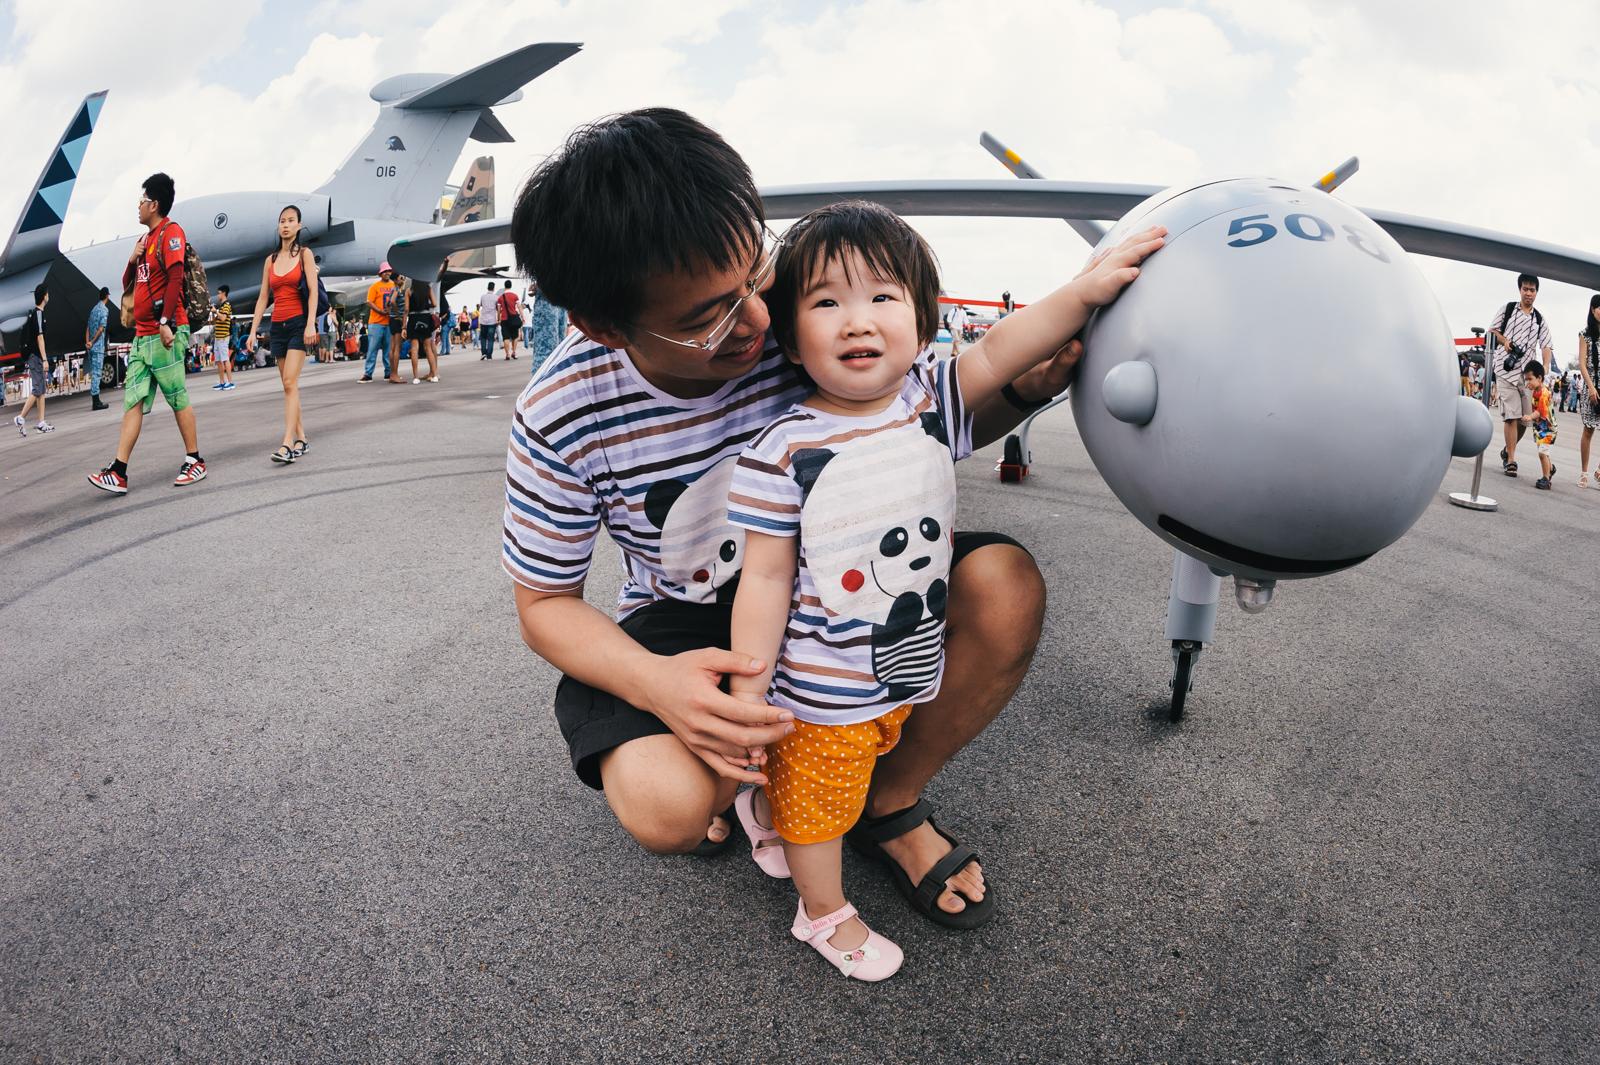 Singapore Airshow #110